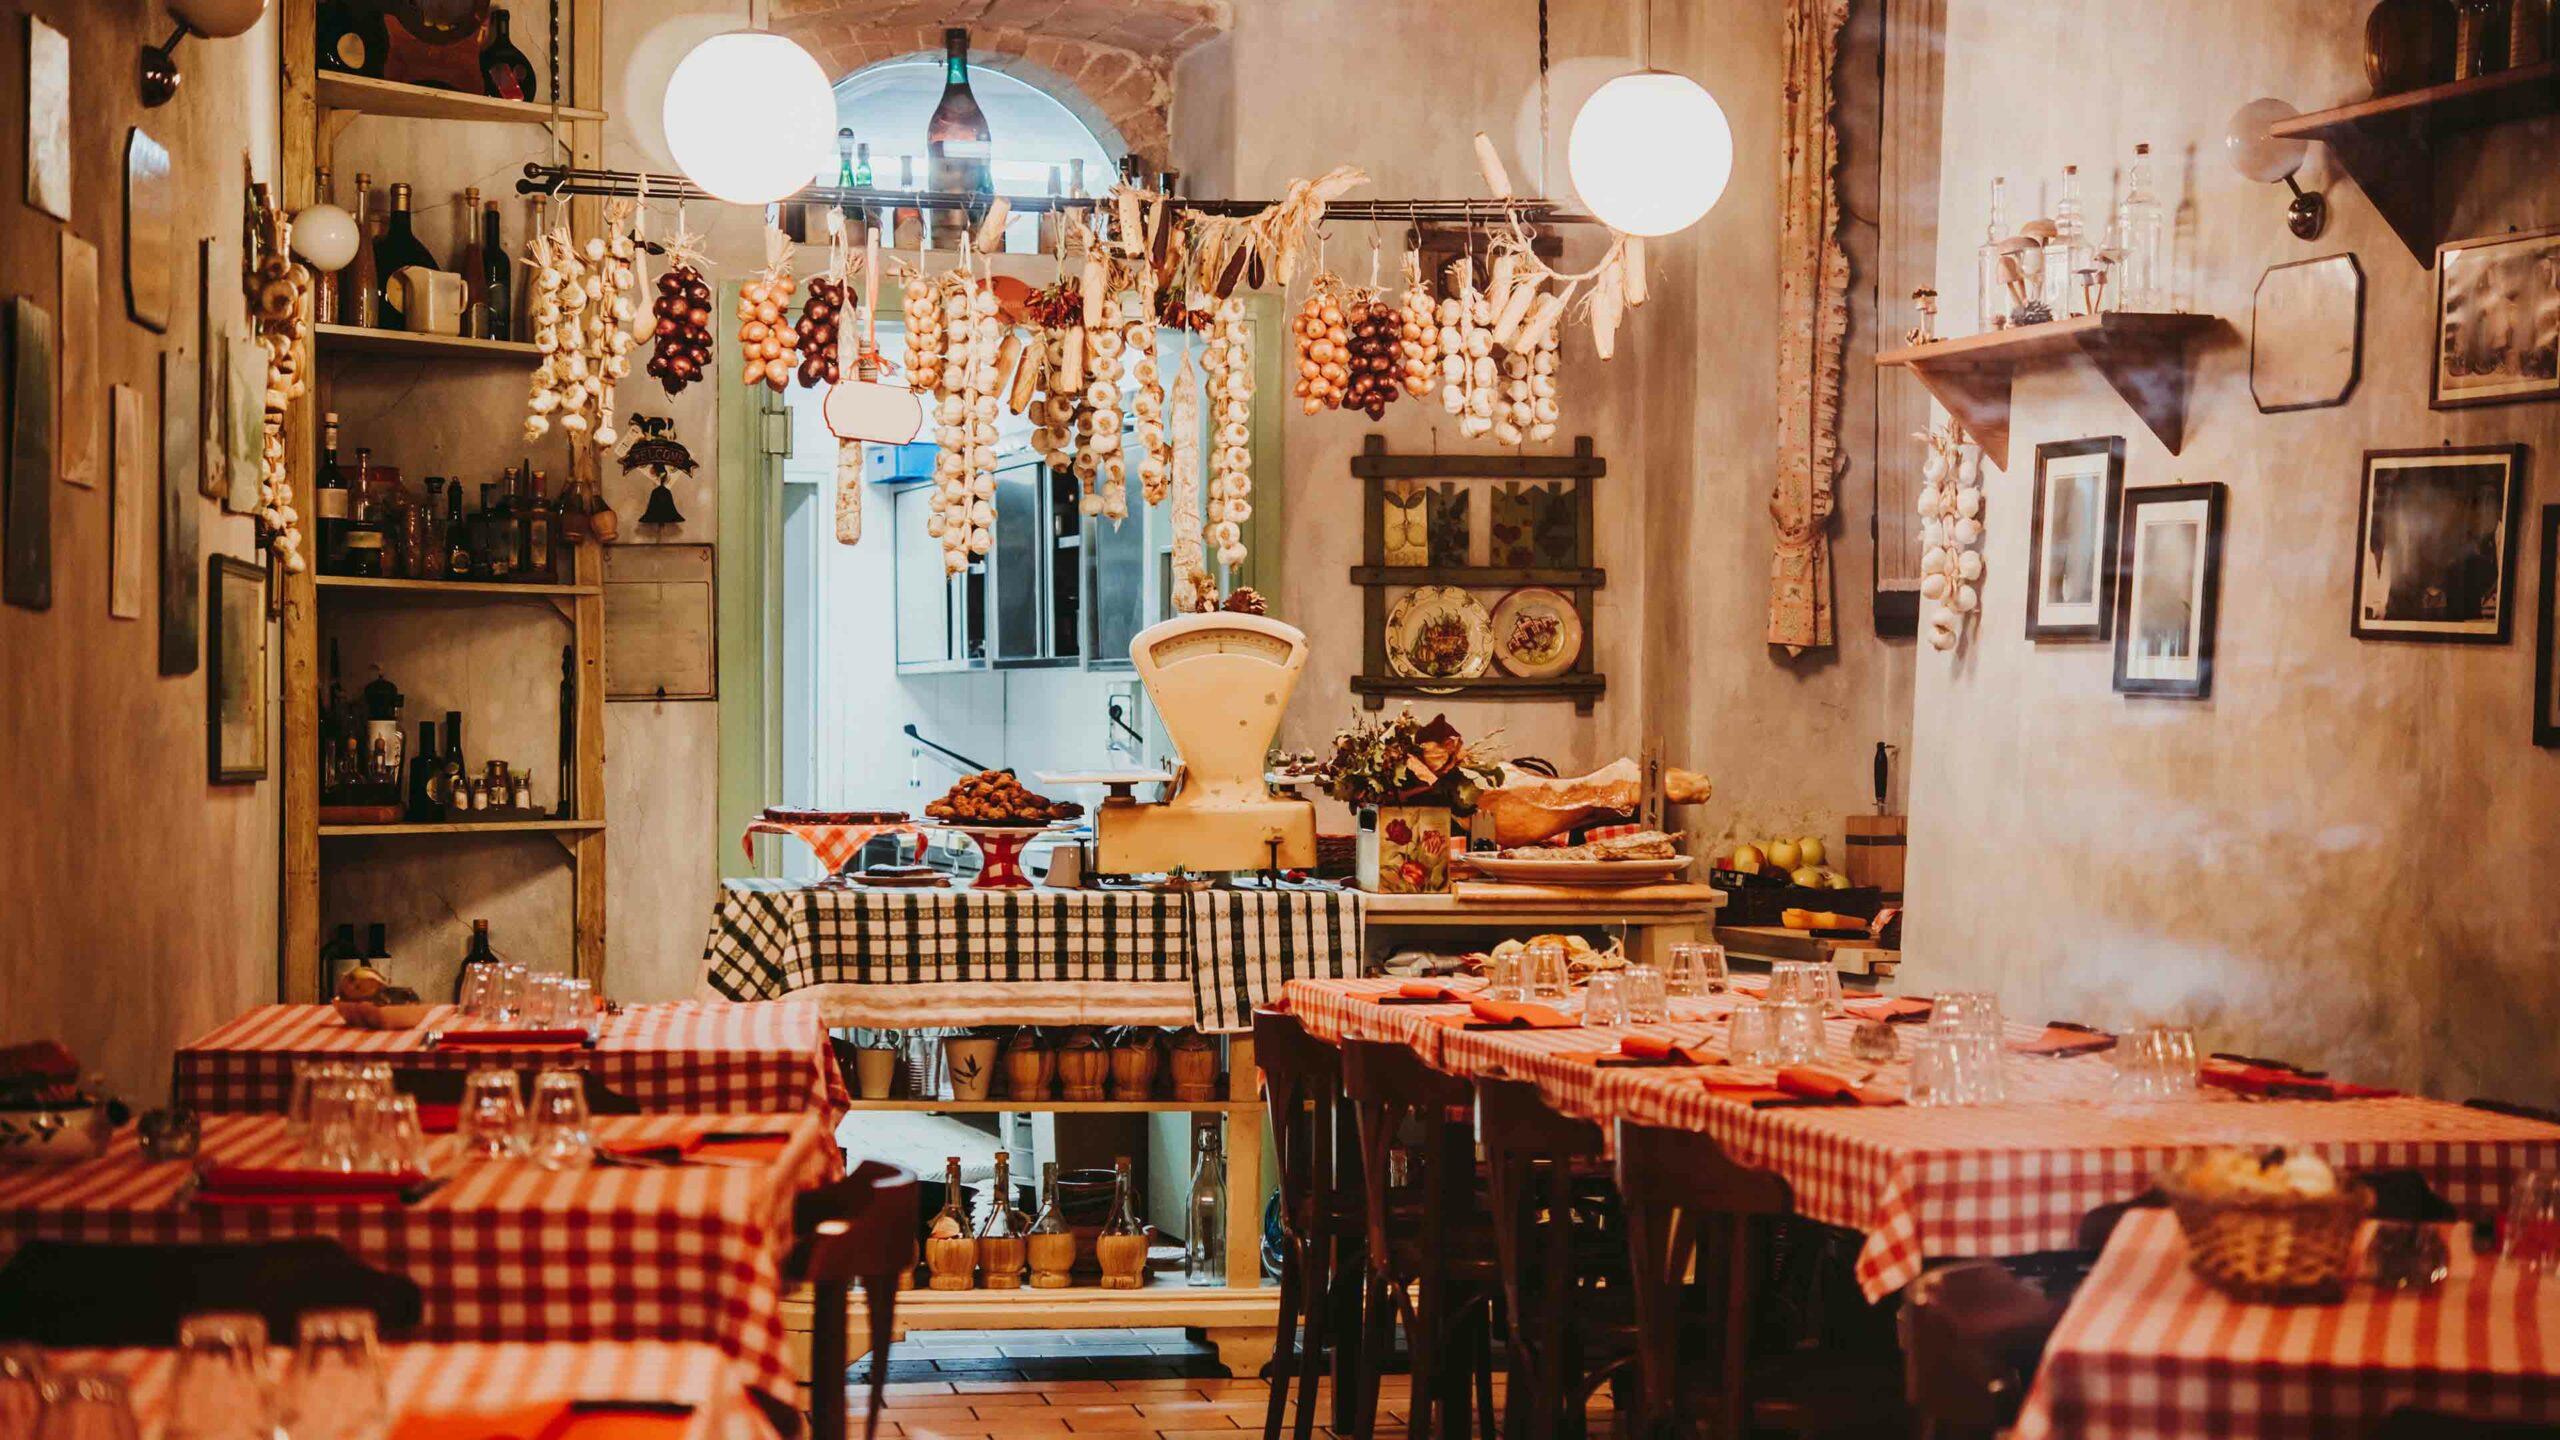 Umbrie restaurant